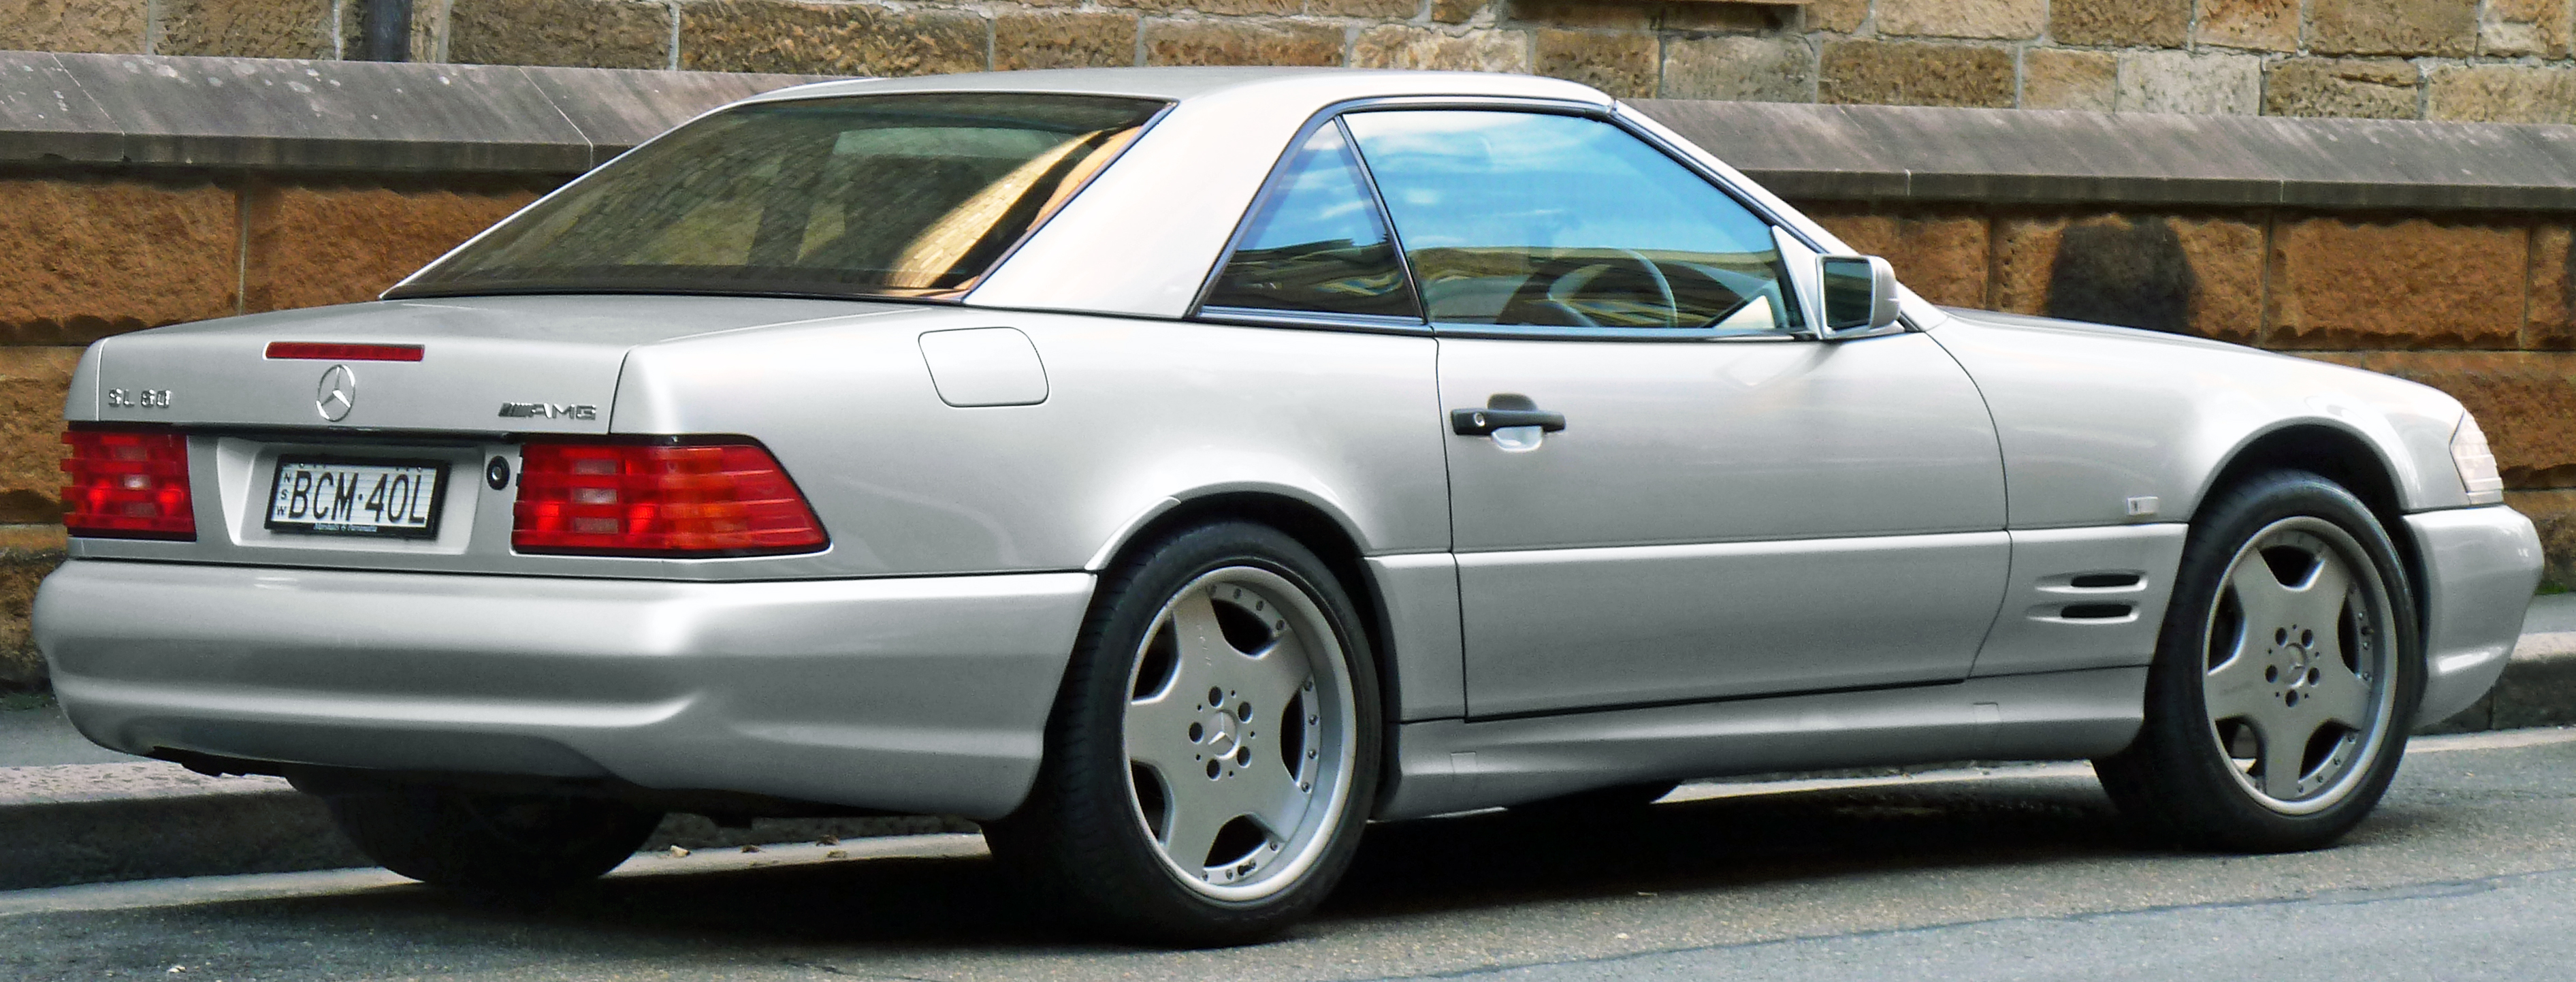 Mercedes-Benz SL-klasse AMG I (R129) 1995 - 1998 Roadster #5